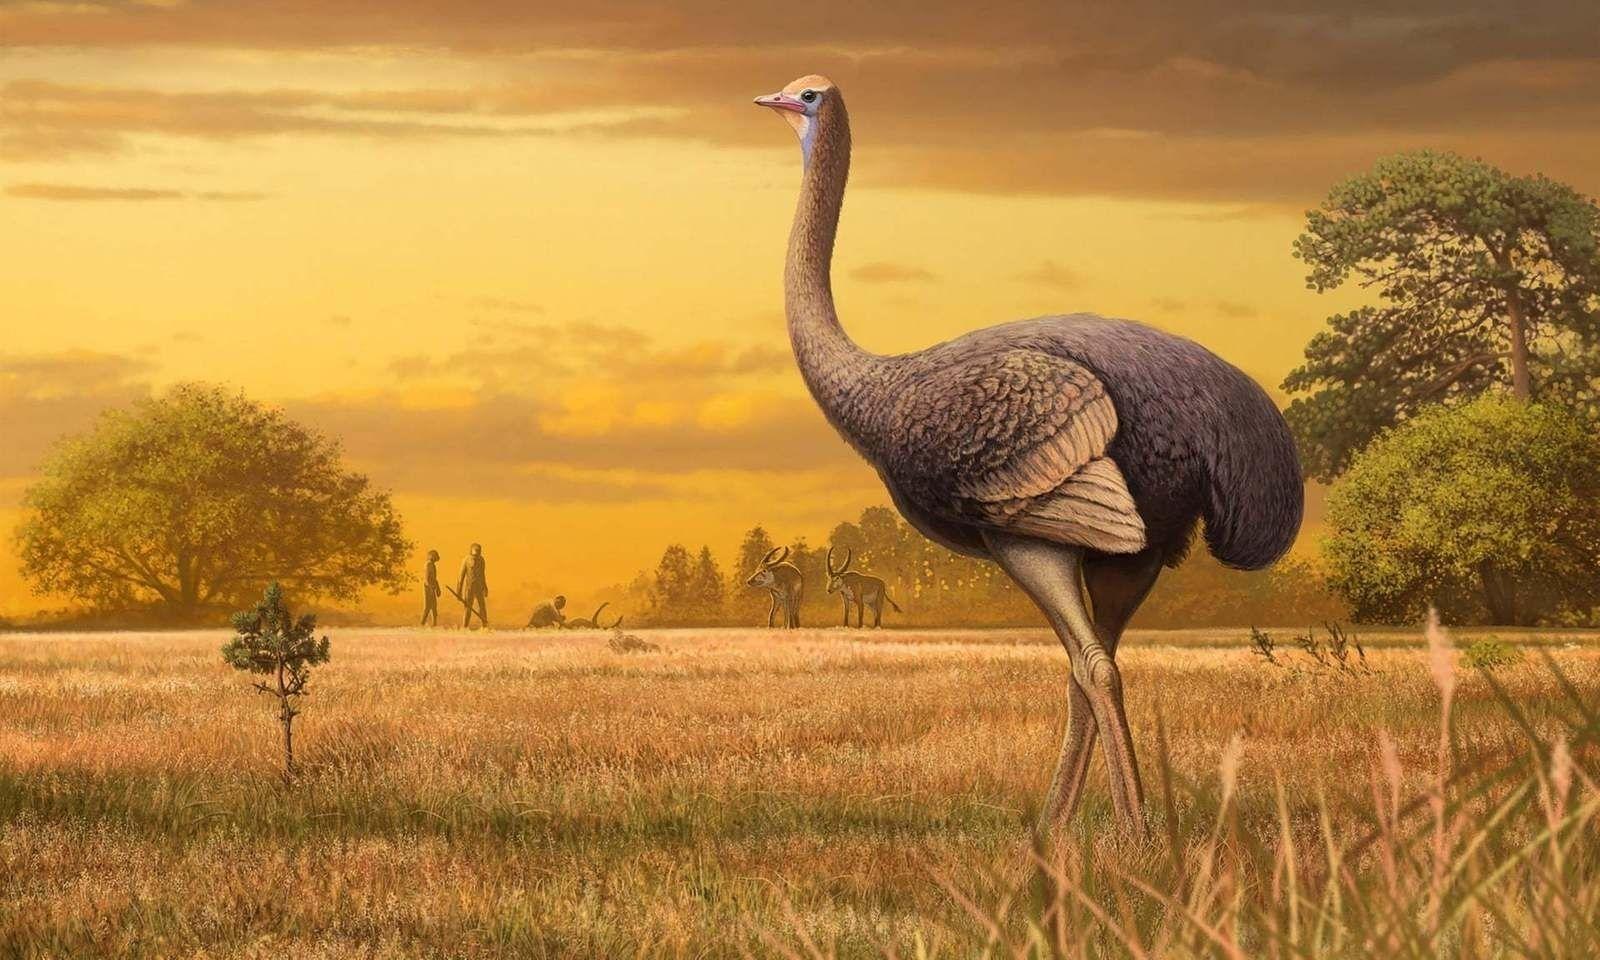 Европ тивд хагас тонн жинтэй шувуу хүмүүстэй зэрэгцэн амьдарч байсныг эрдэмтэд баталжээ